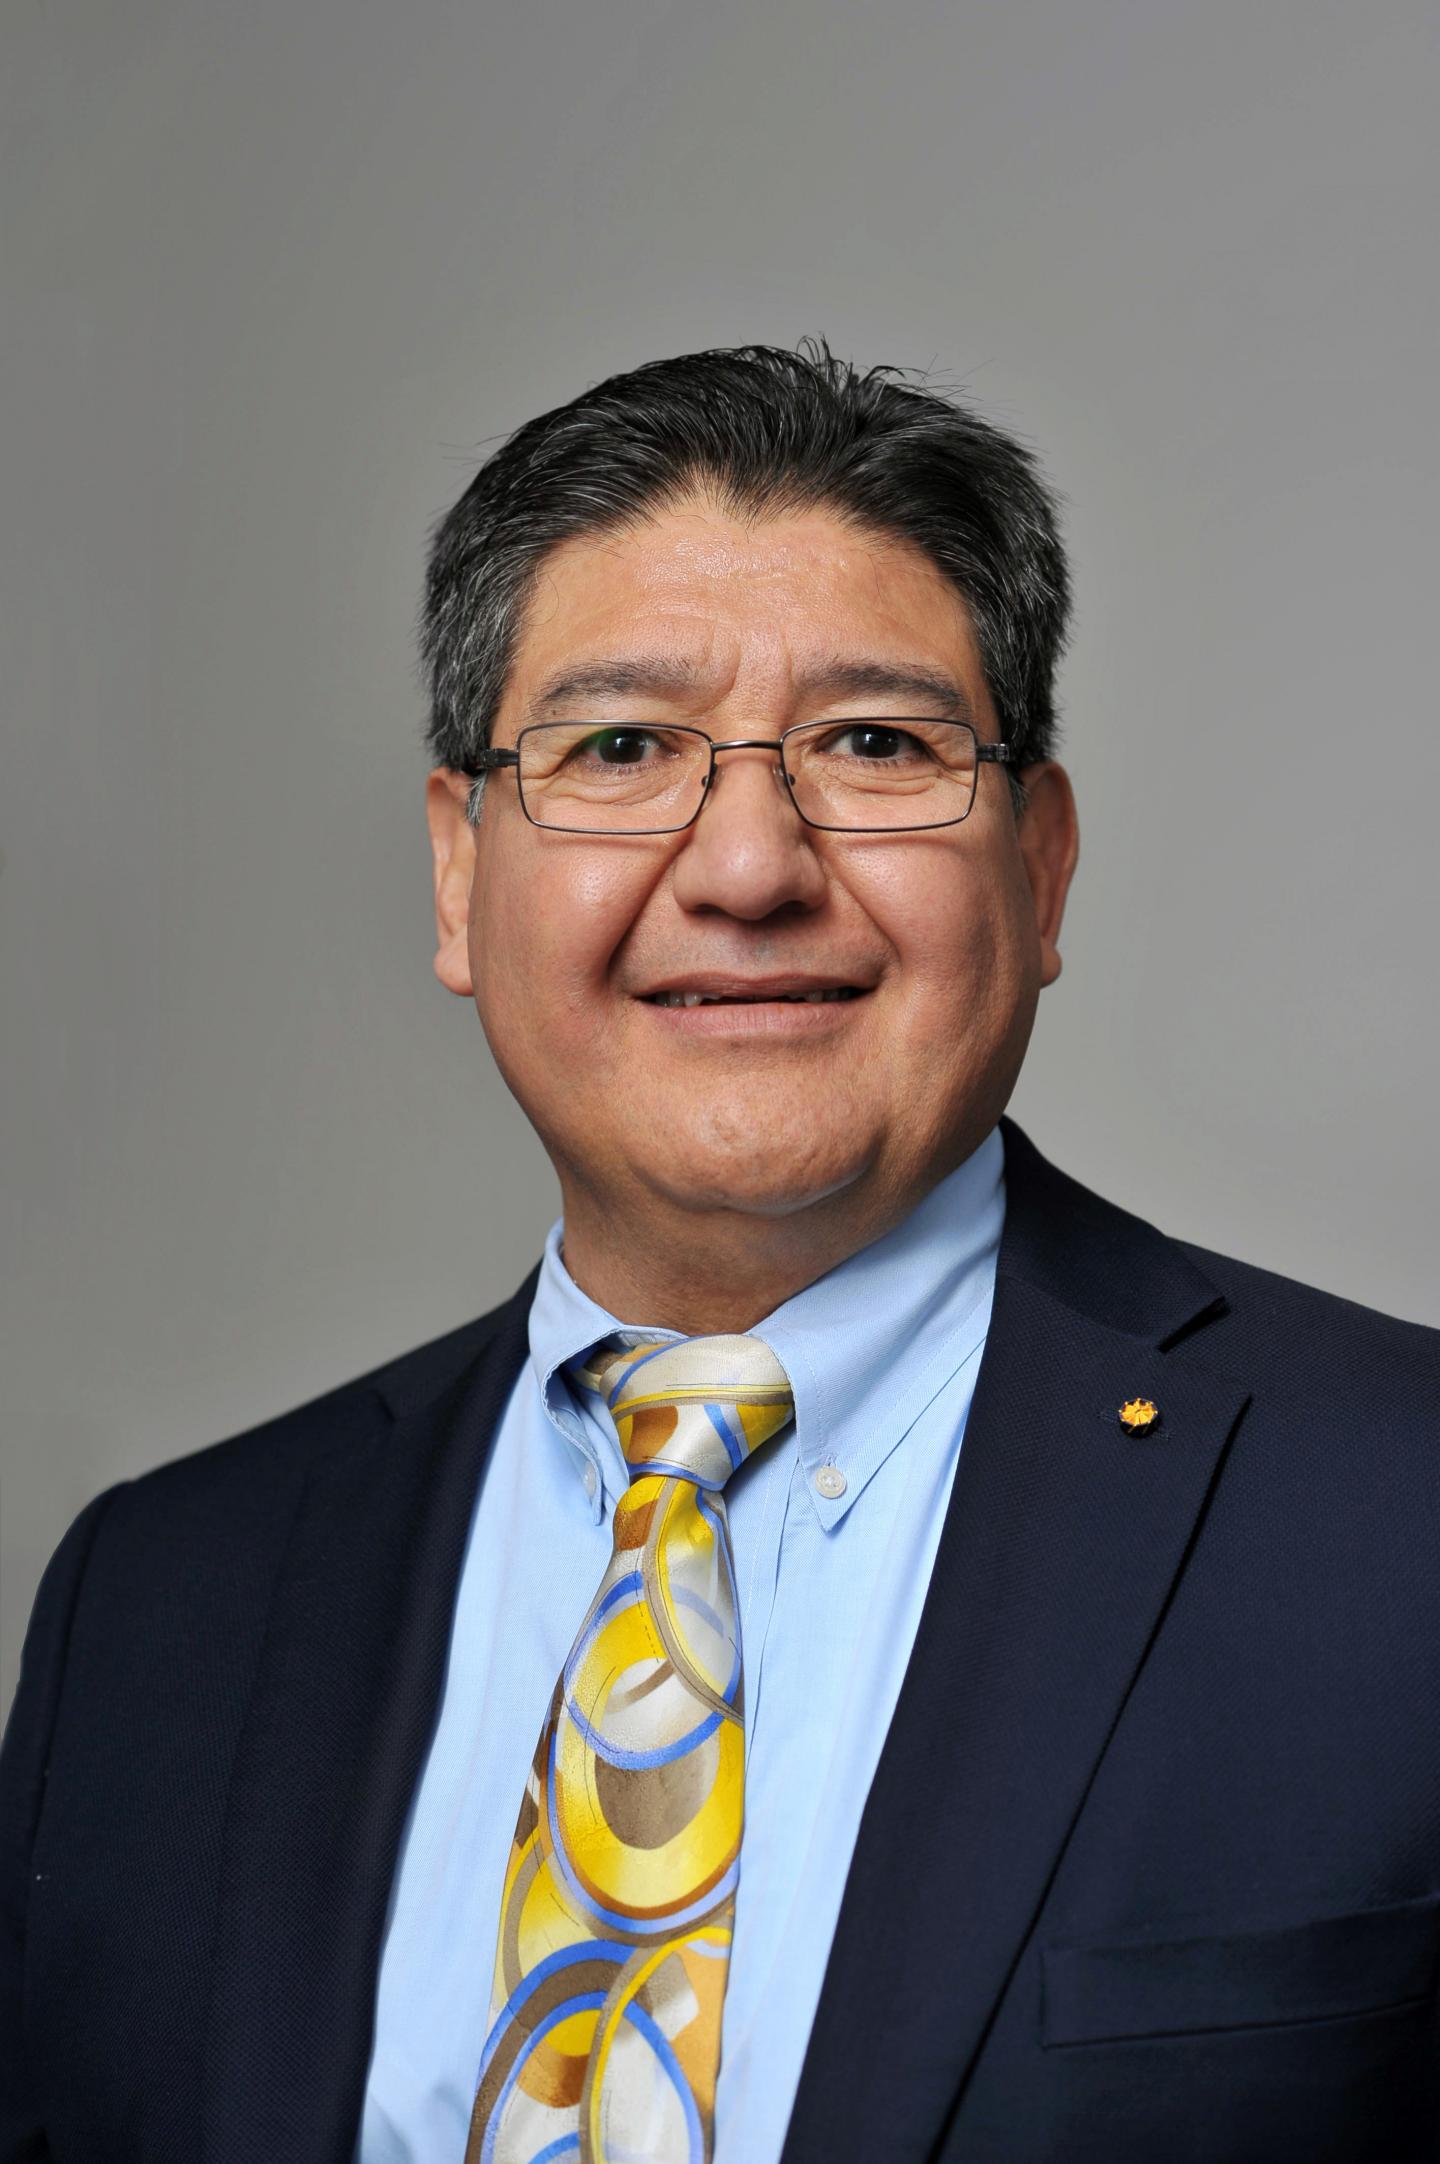 Gil Herrera